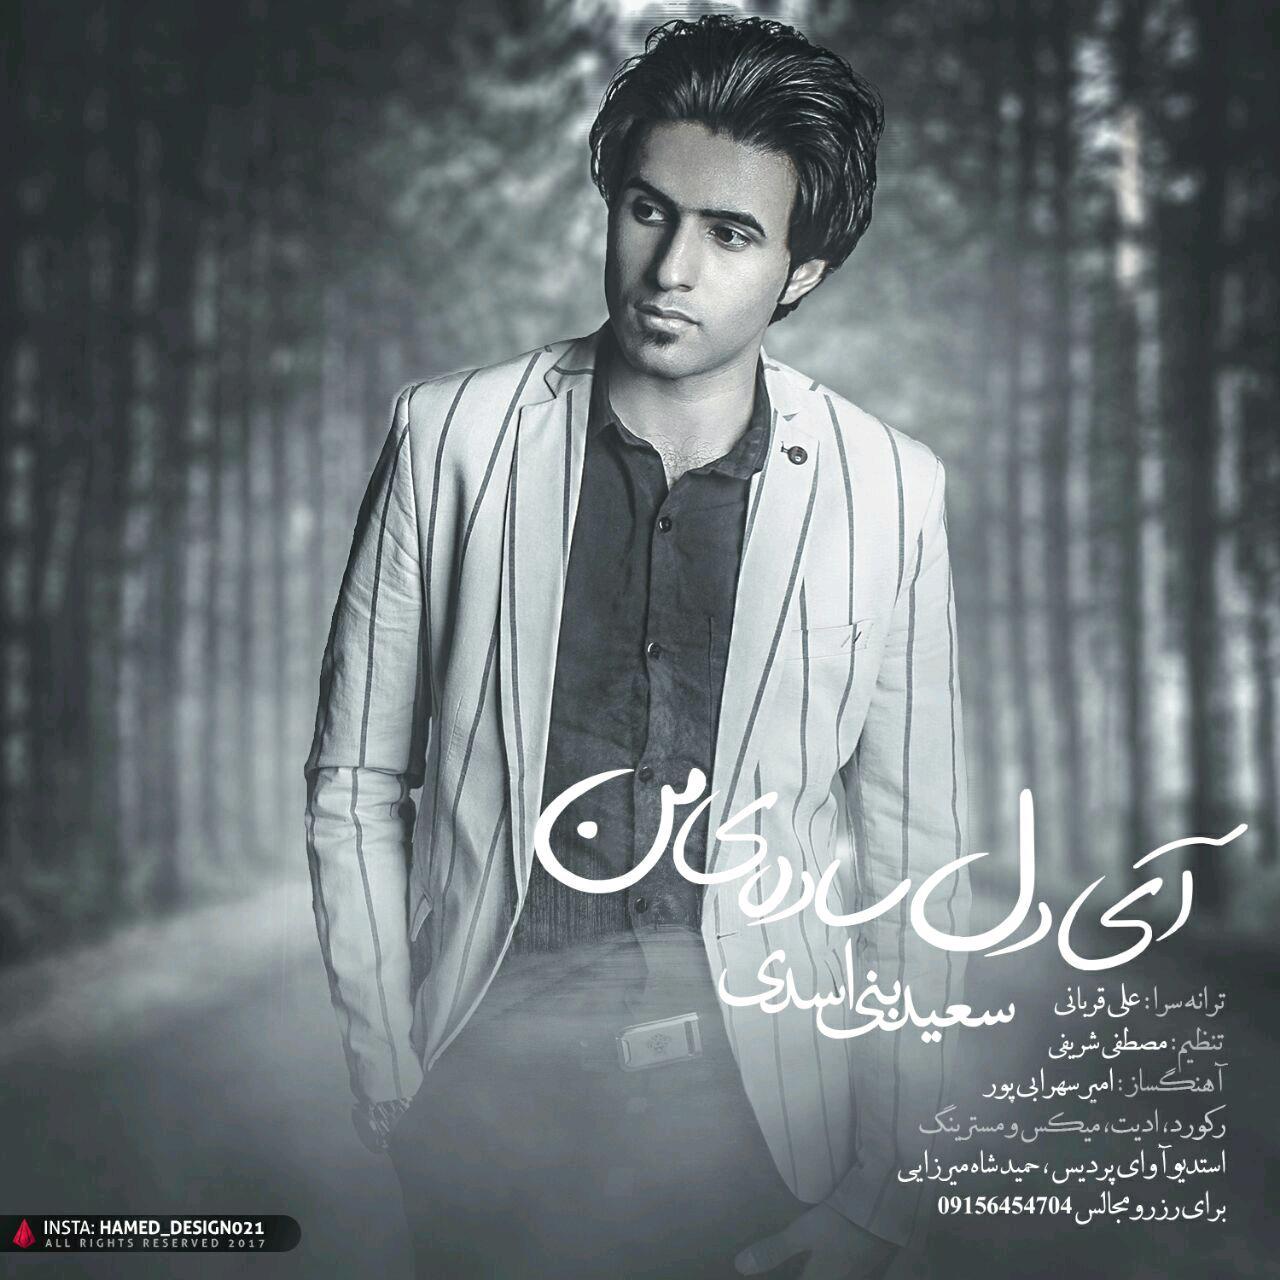 Saeed Bani Asadi – Ay Dele Sadeye Man